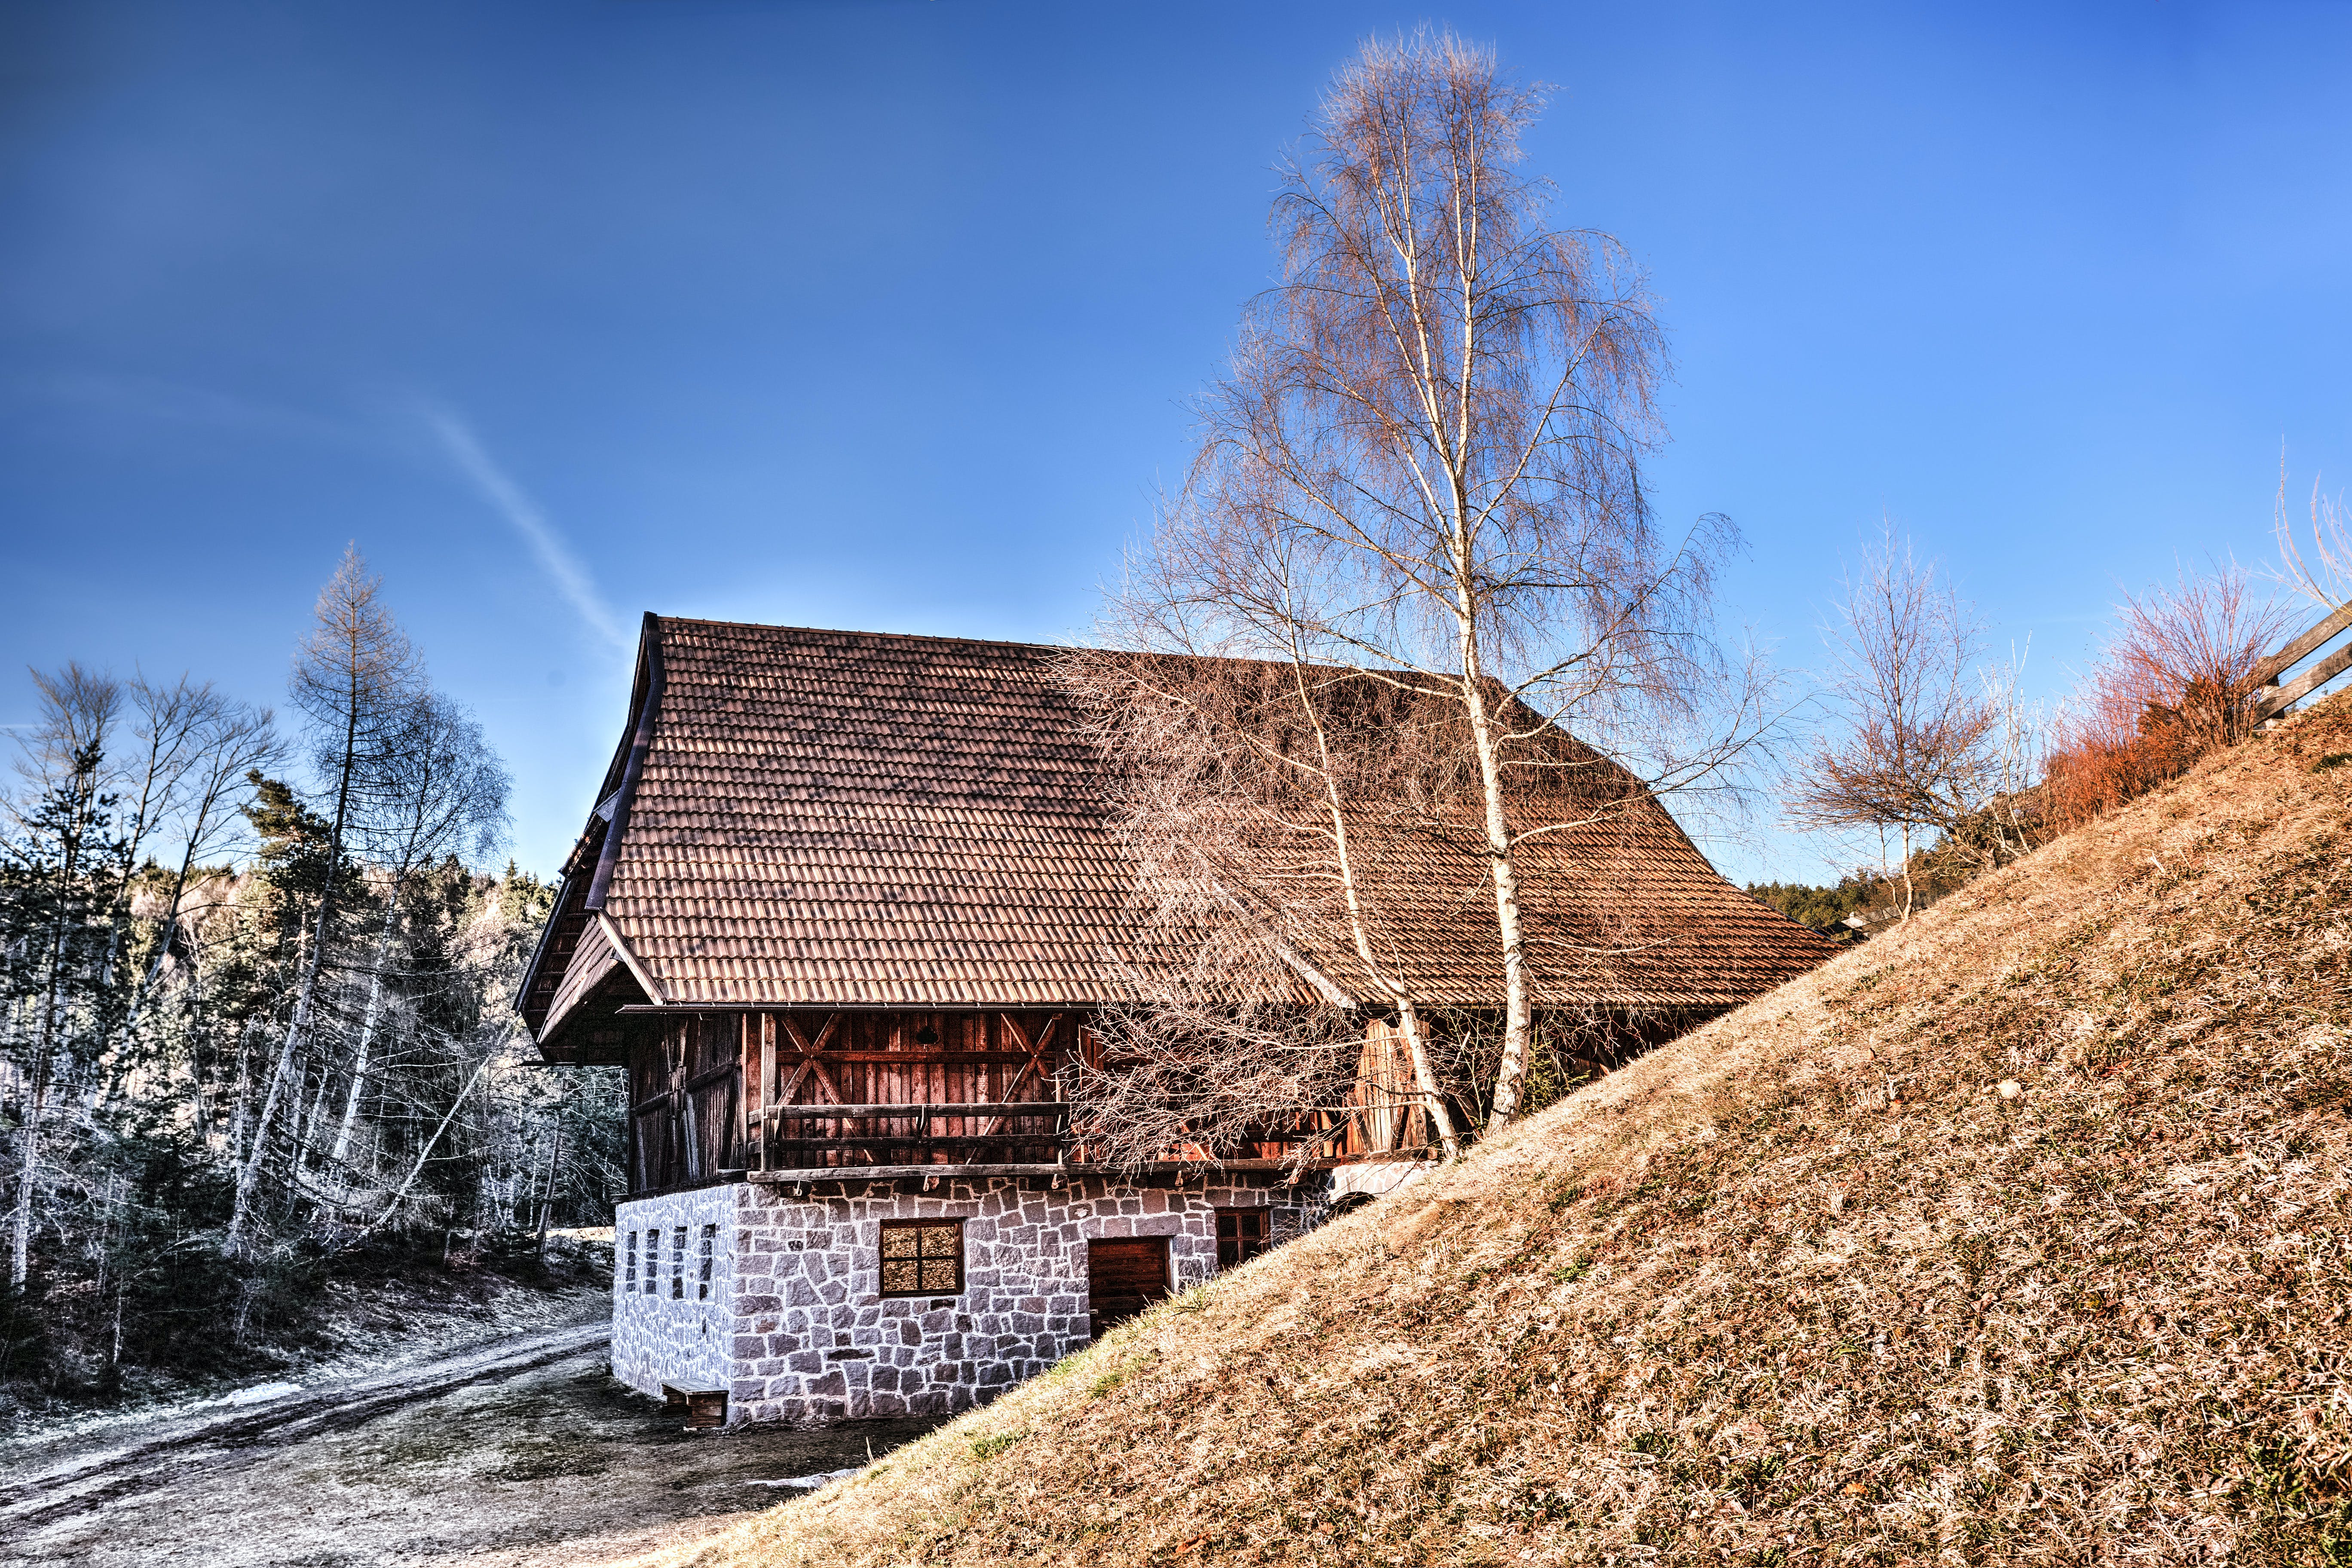 キャビン, コテージ, ルーフ, 冬の無料の写真素材